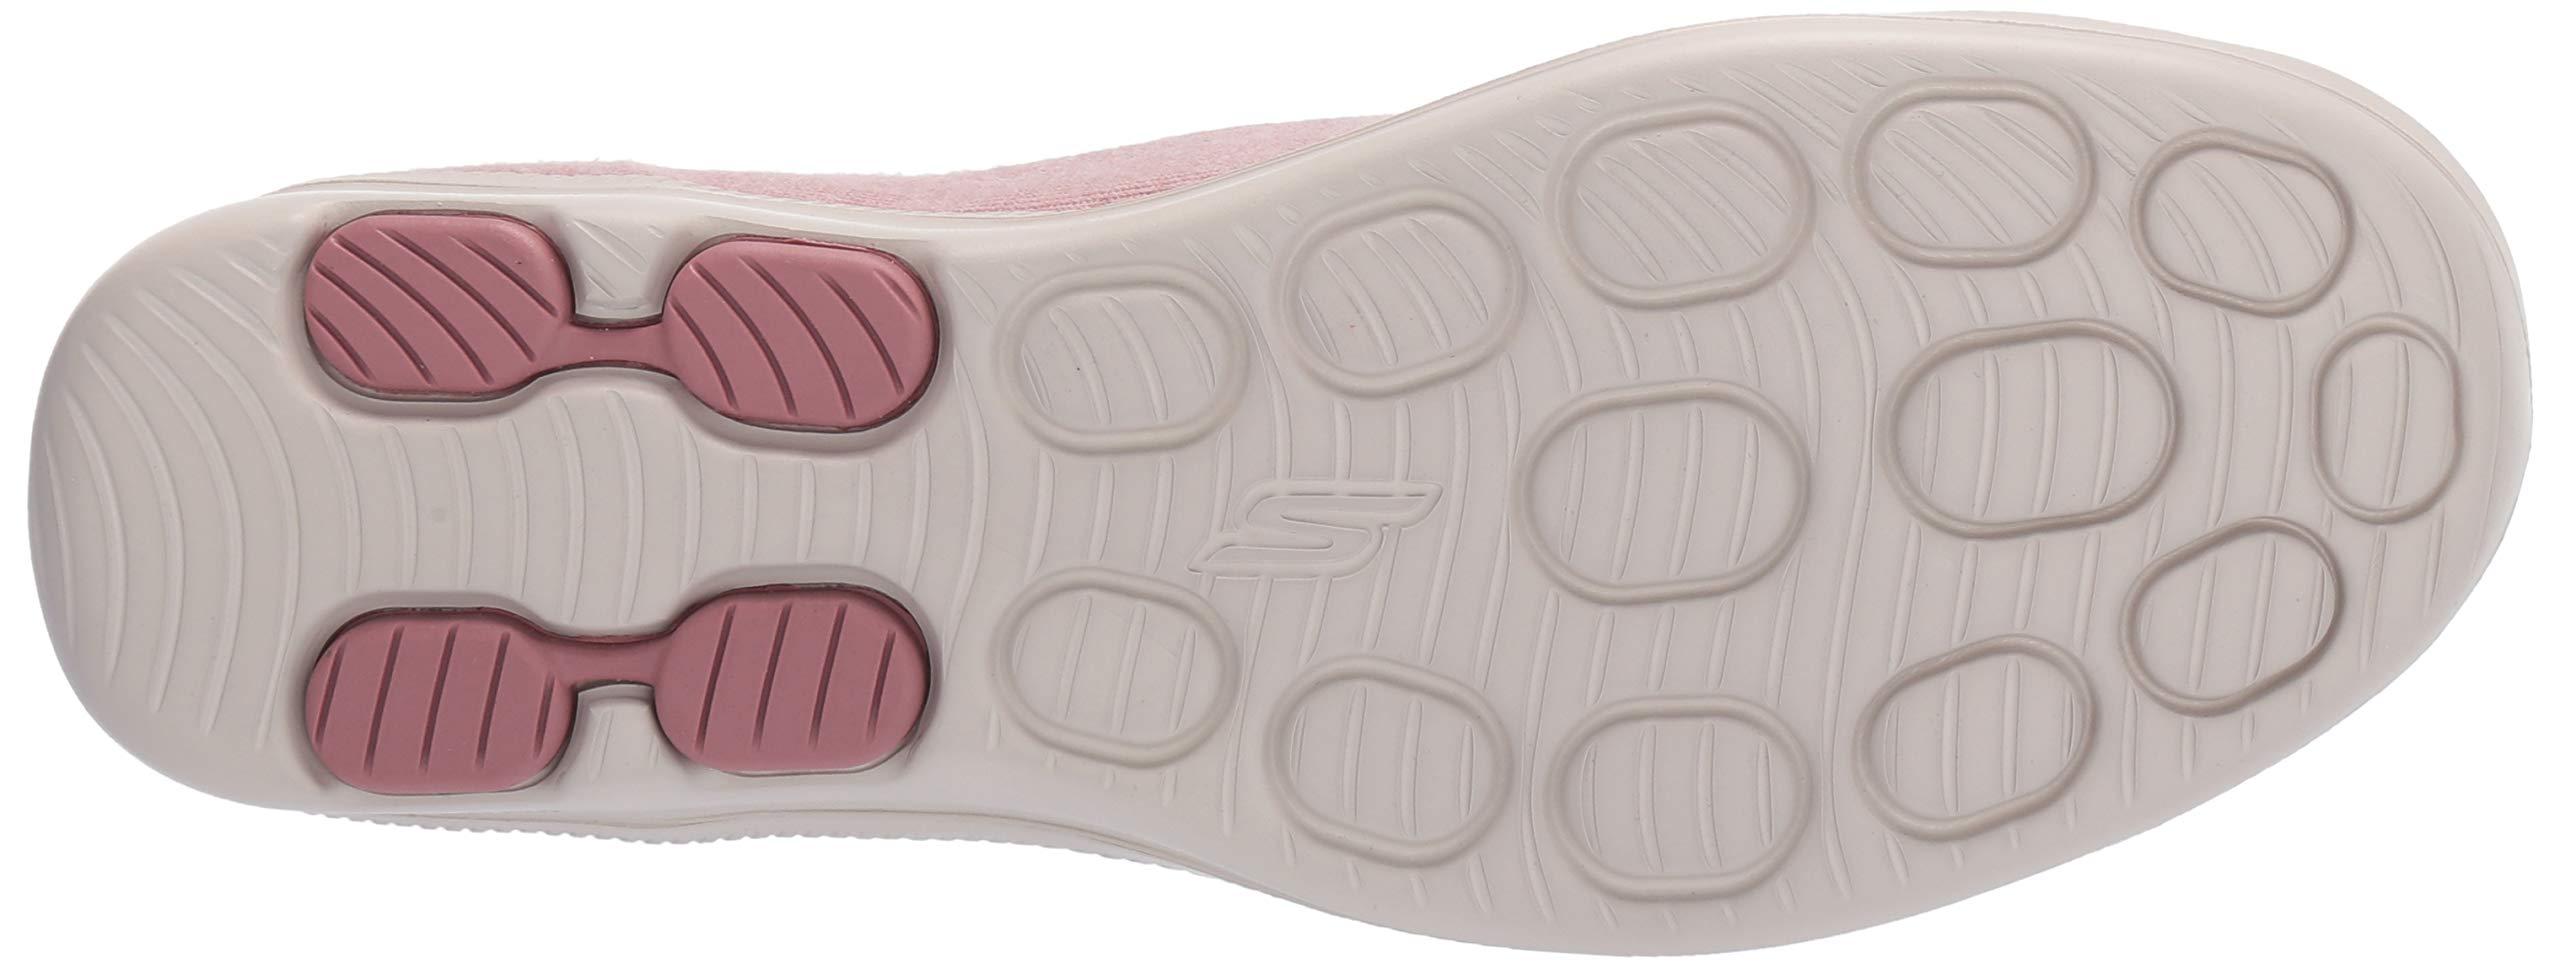 Skechers Women's On-The-go Bliss-16517 Loafer